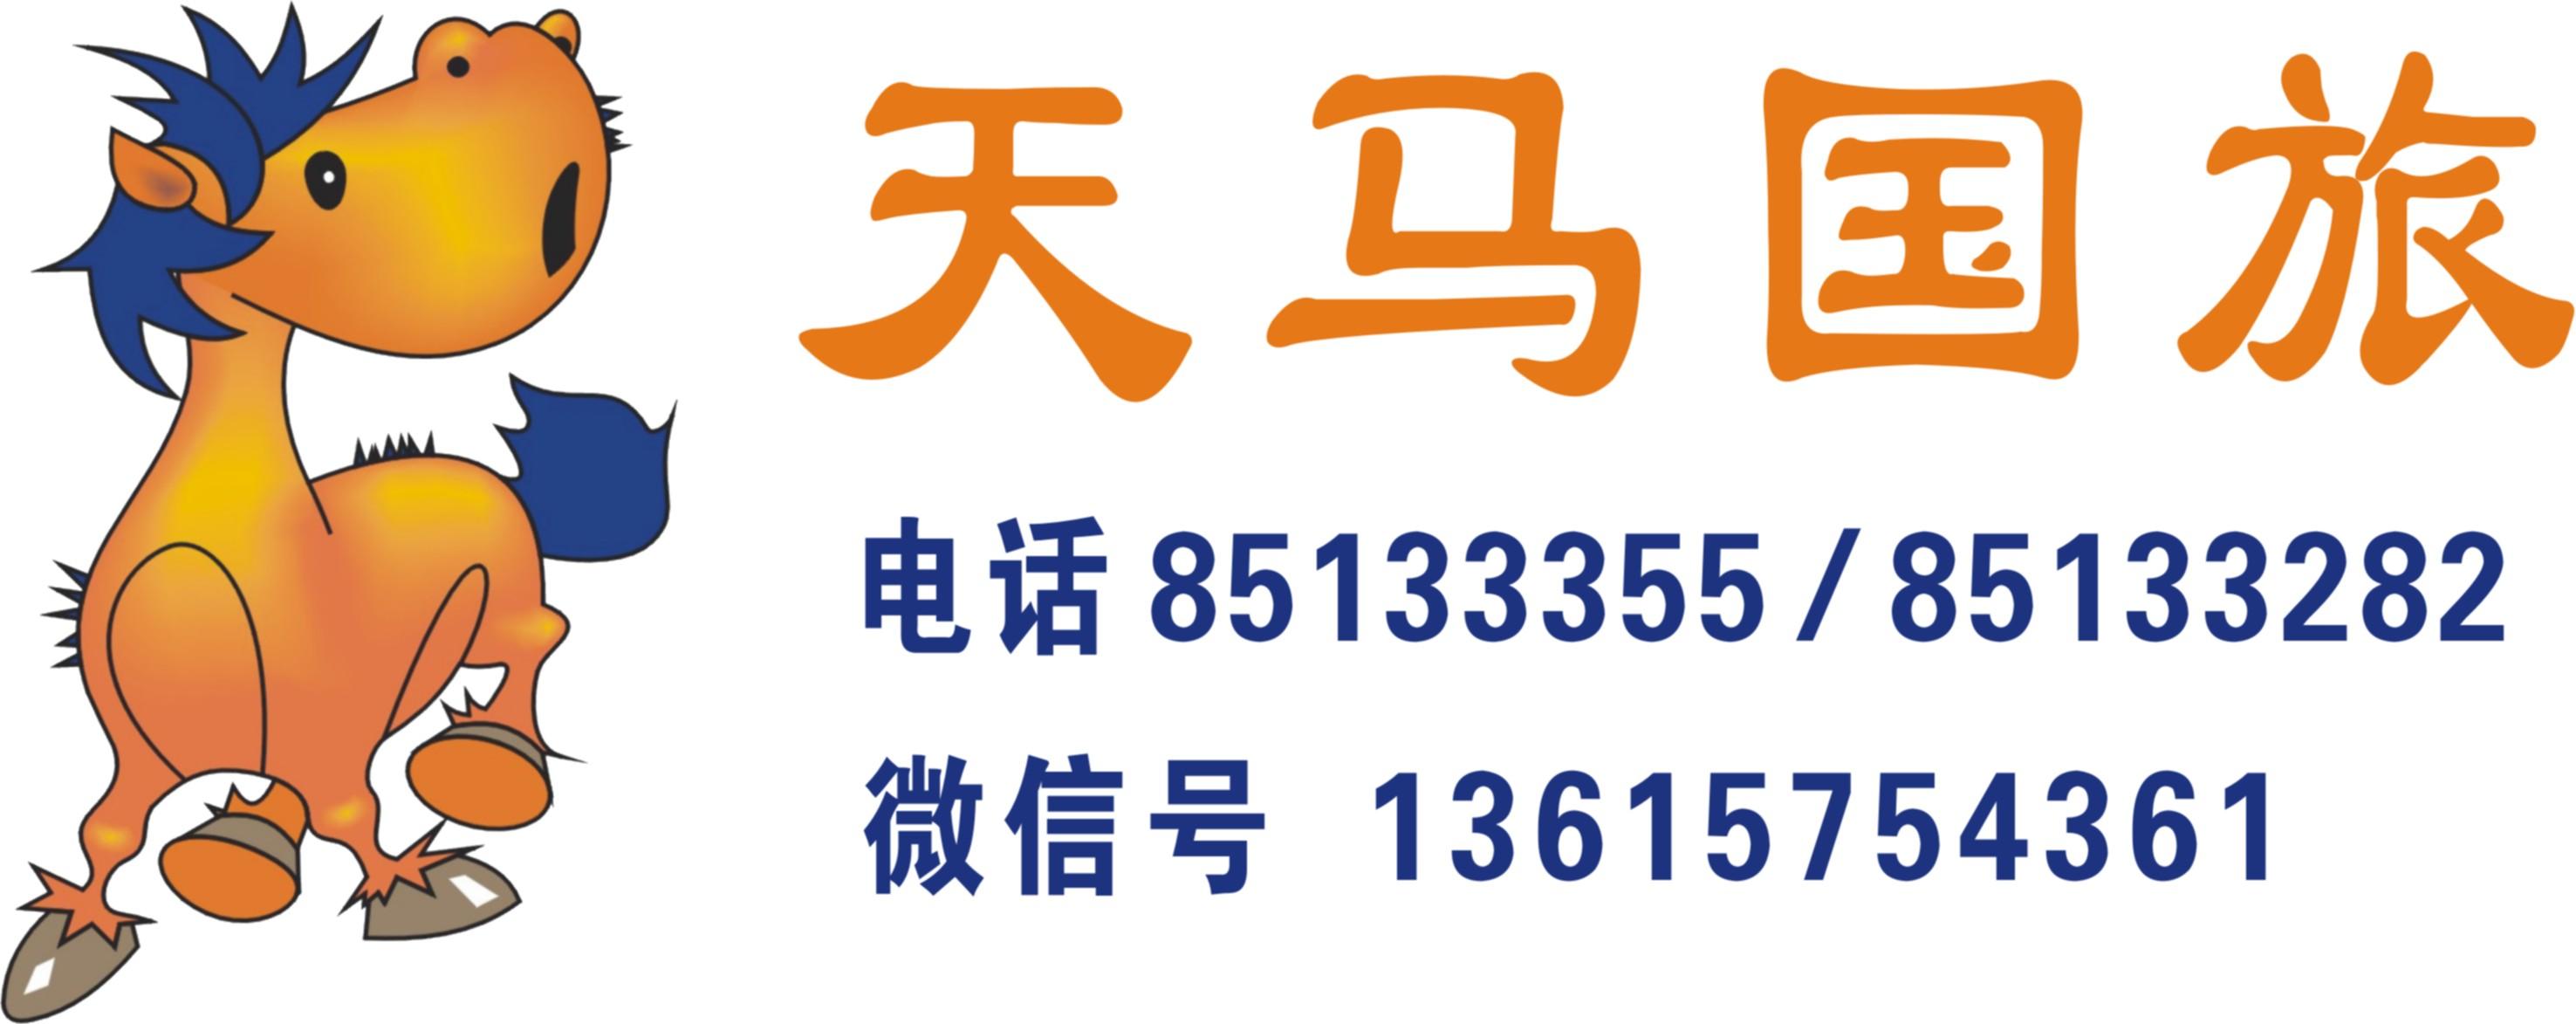 4月【夕阳红 北京、天津一高一飞品质五日】老年歌舞晚会